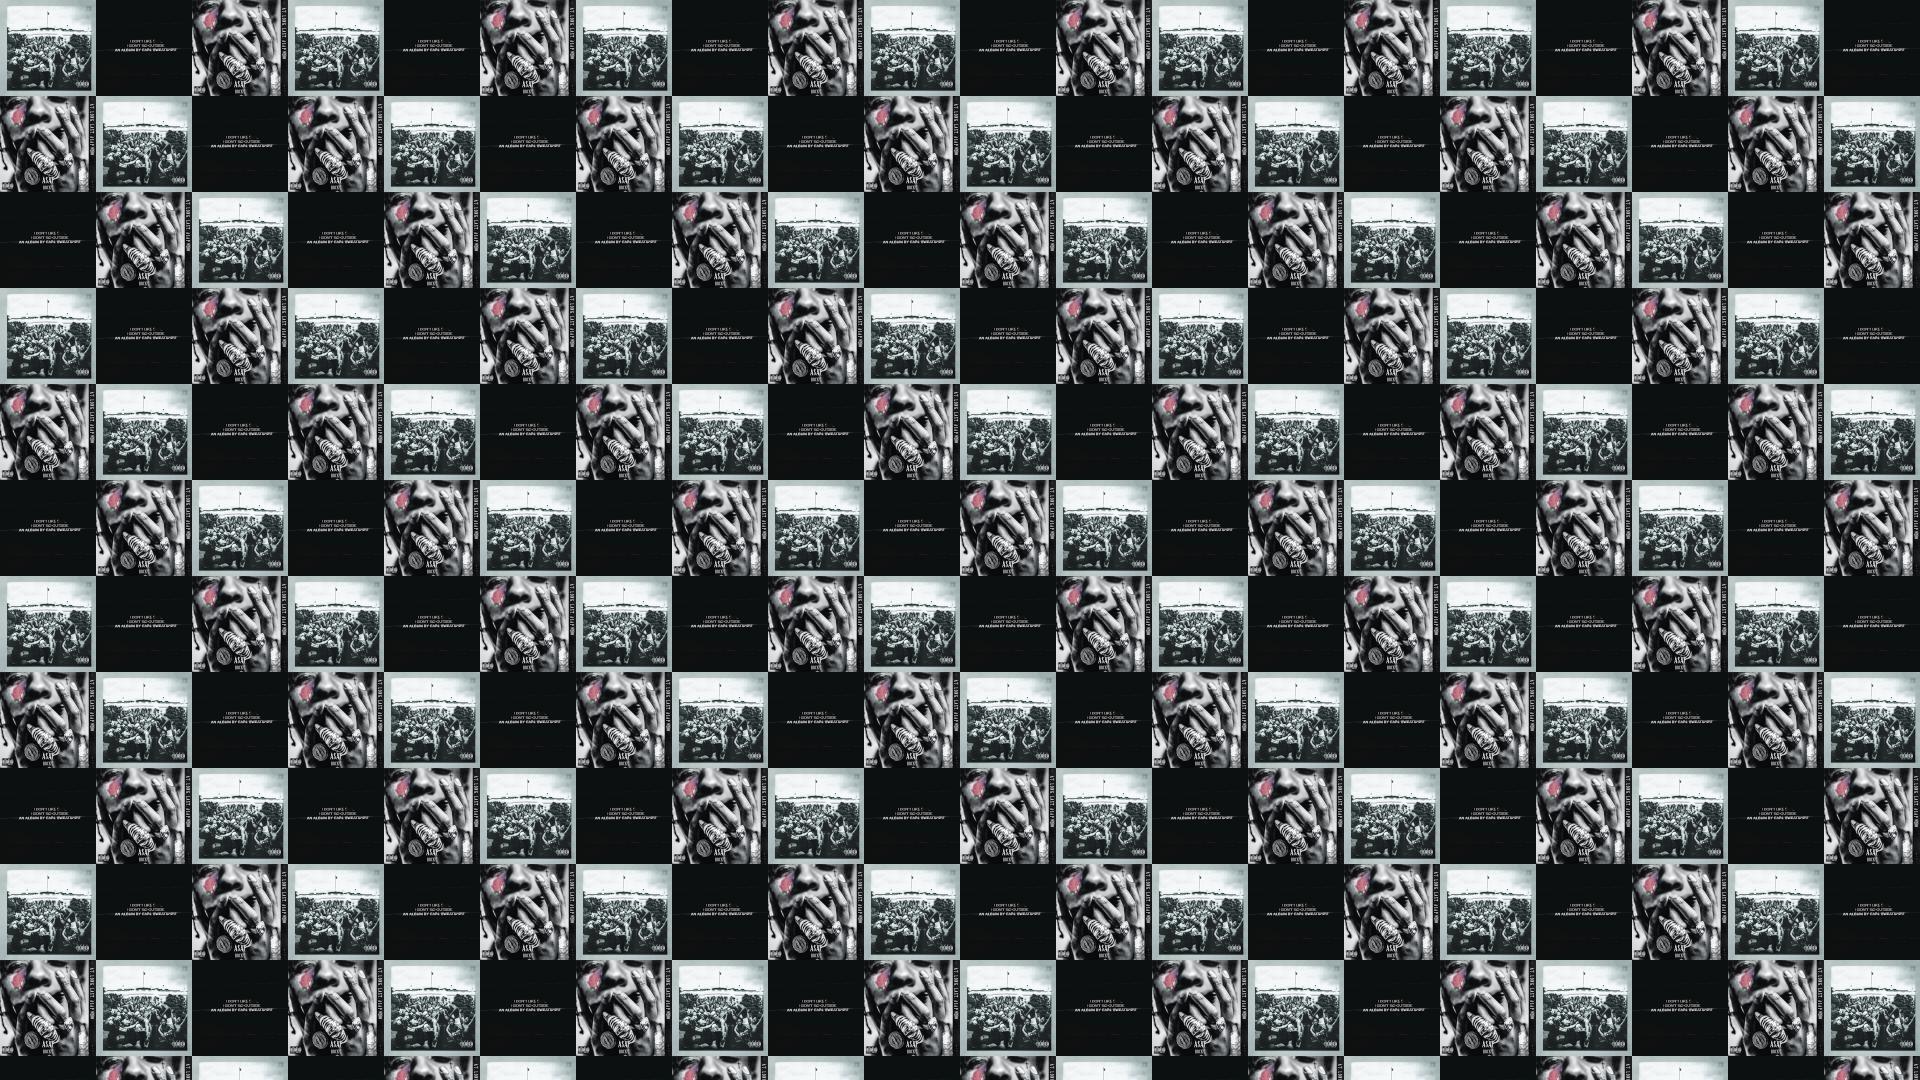 1920x1080 Kendrick Lamar To Pimp A Butterfly Earl Sweatshirt Wallpaper Â« Tiled Desktop Wallpaper